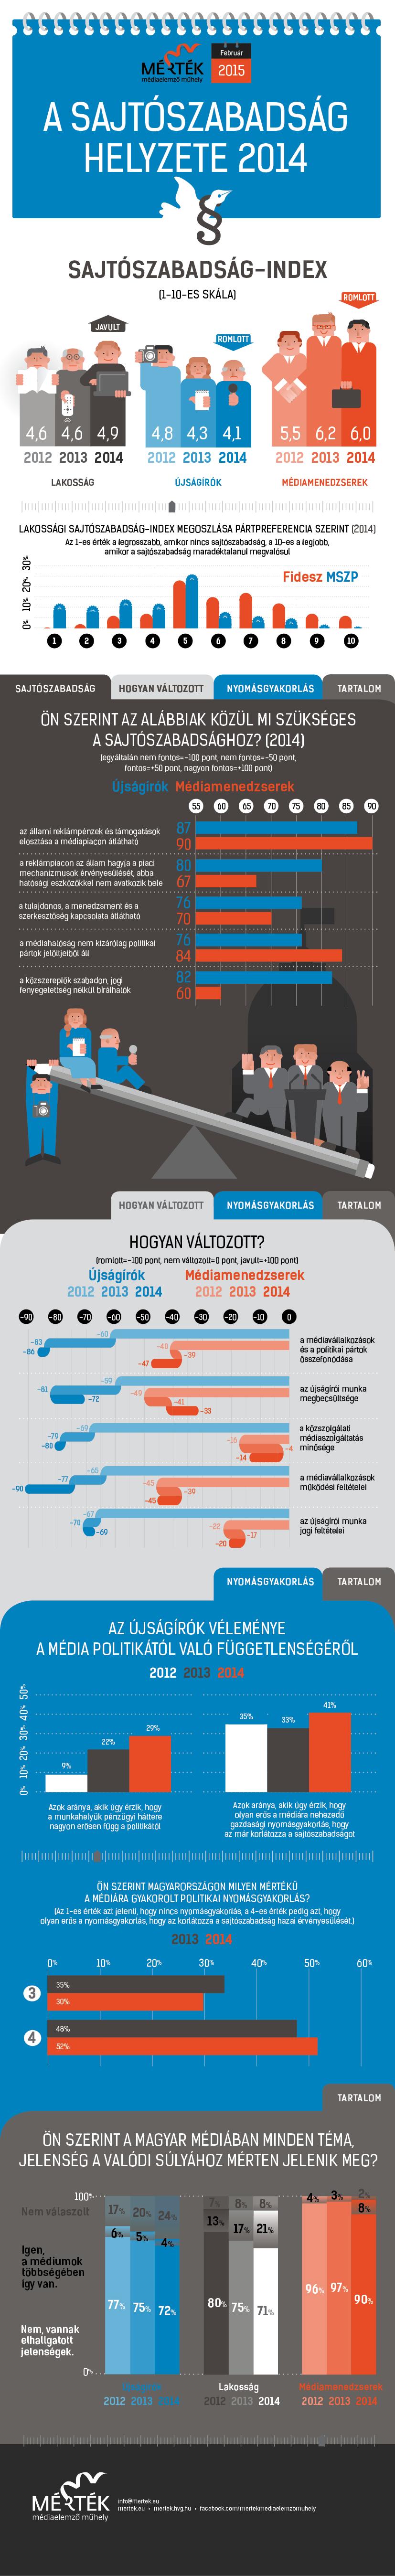 A sajtószabadság helyzete 2014